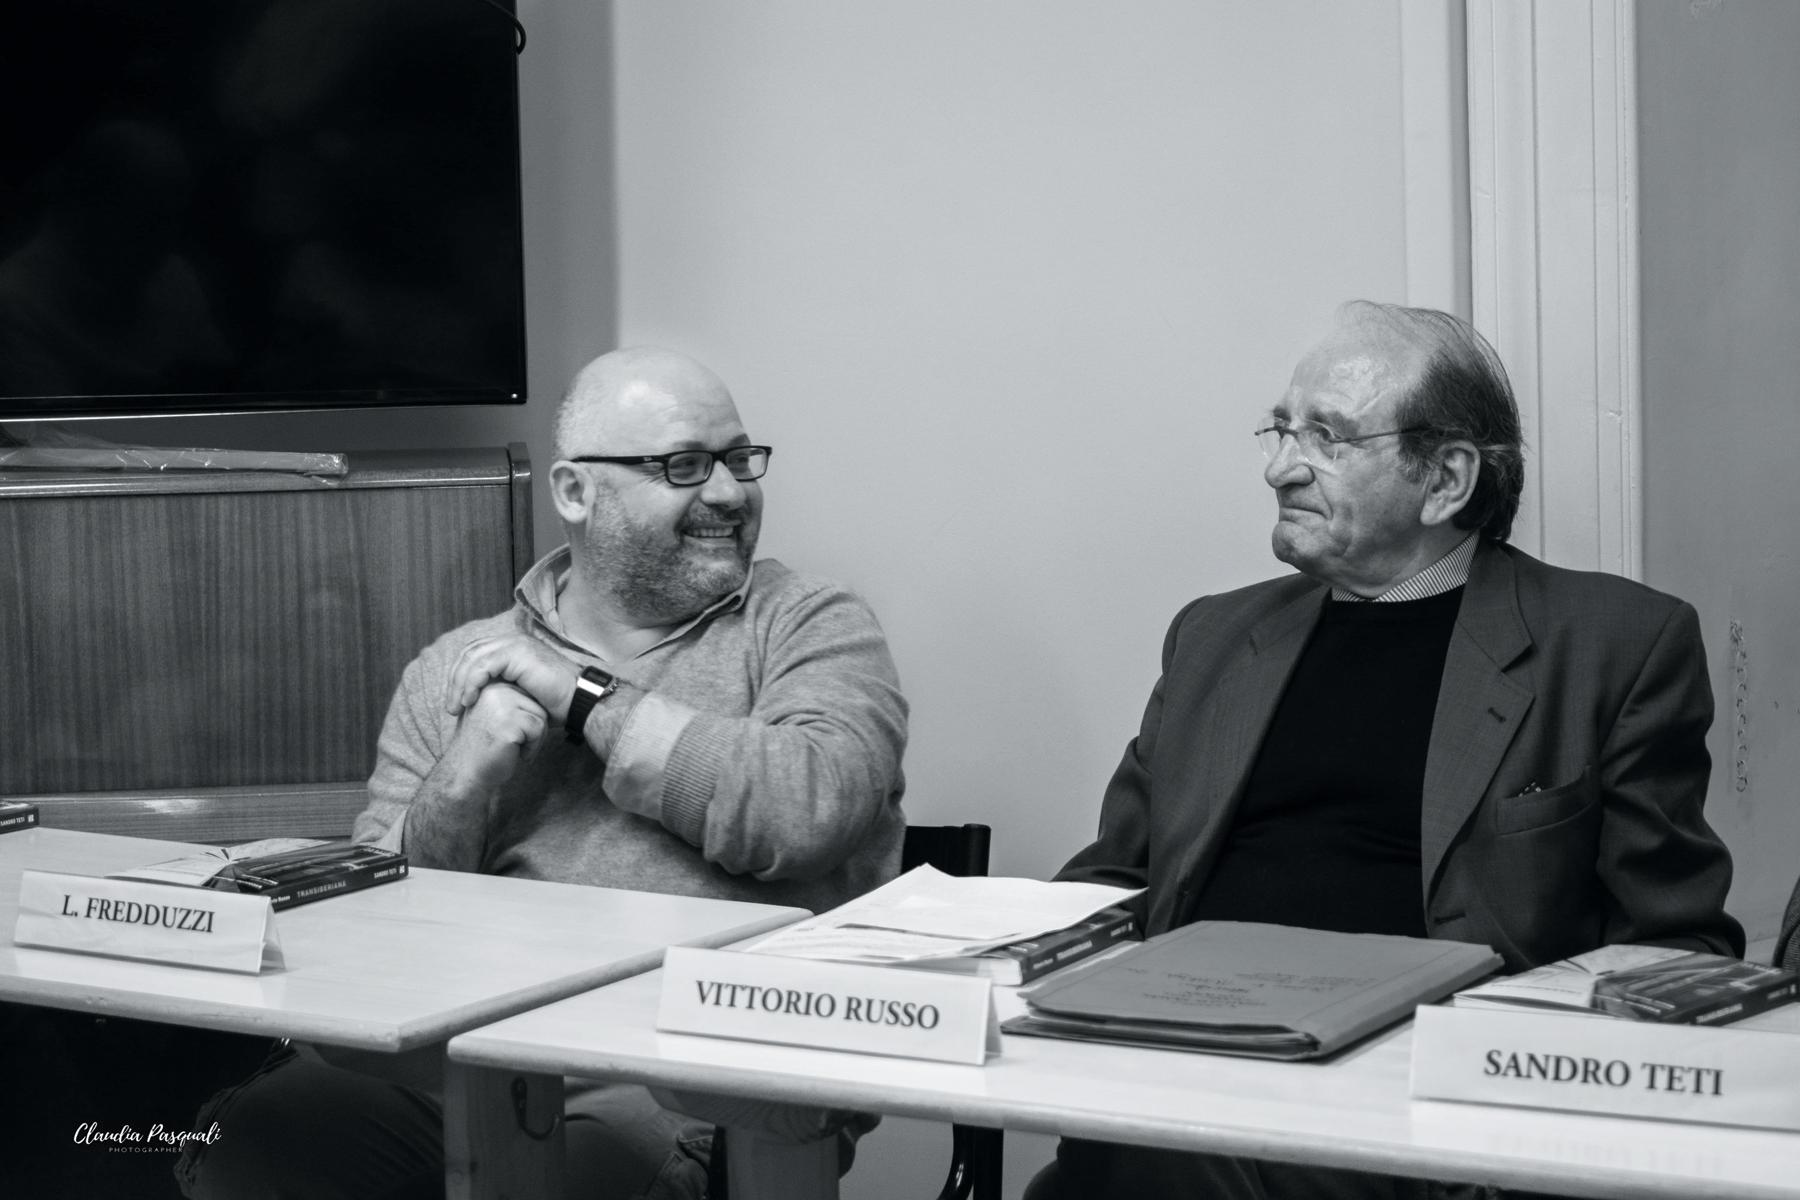 Presentazione del libro Transiberiana di Vittorio Russo. Da sinistra: Leonardo Fredduzzi e Vittorio Russo